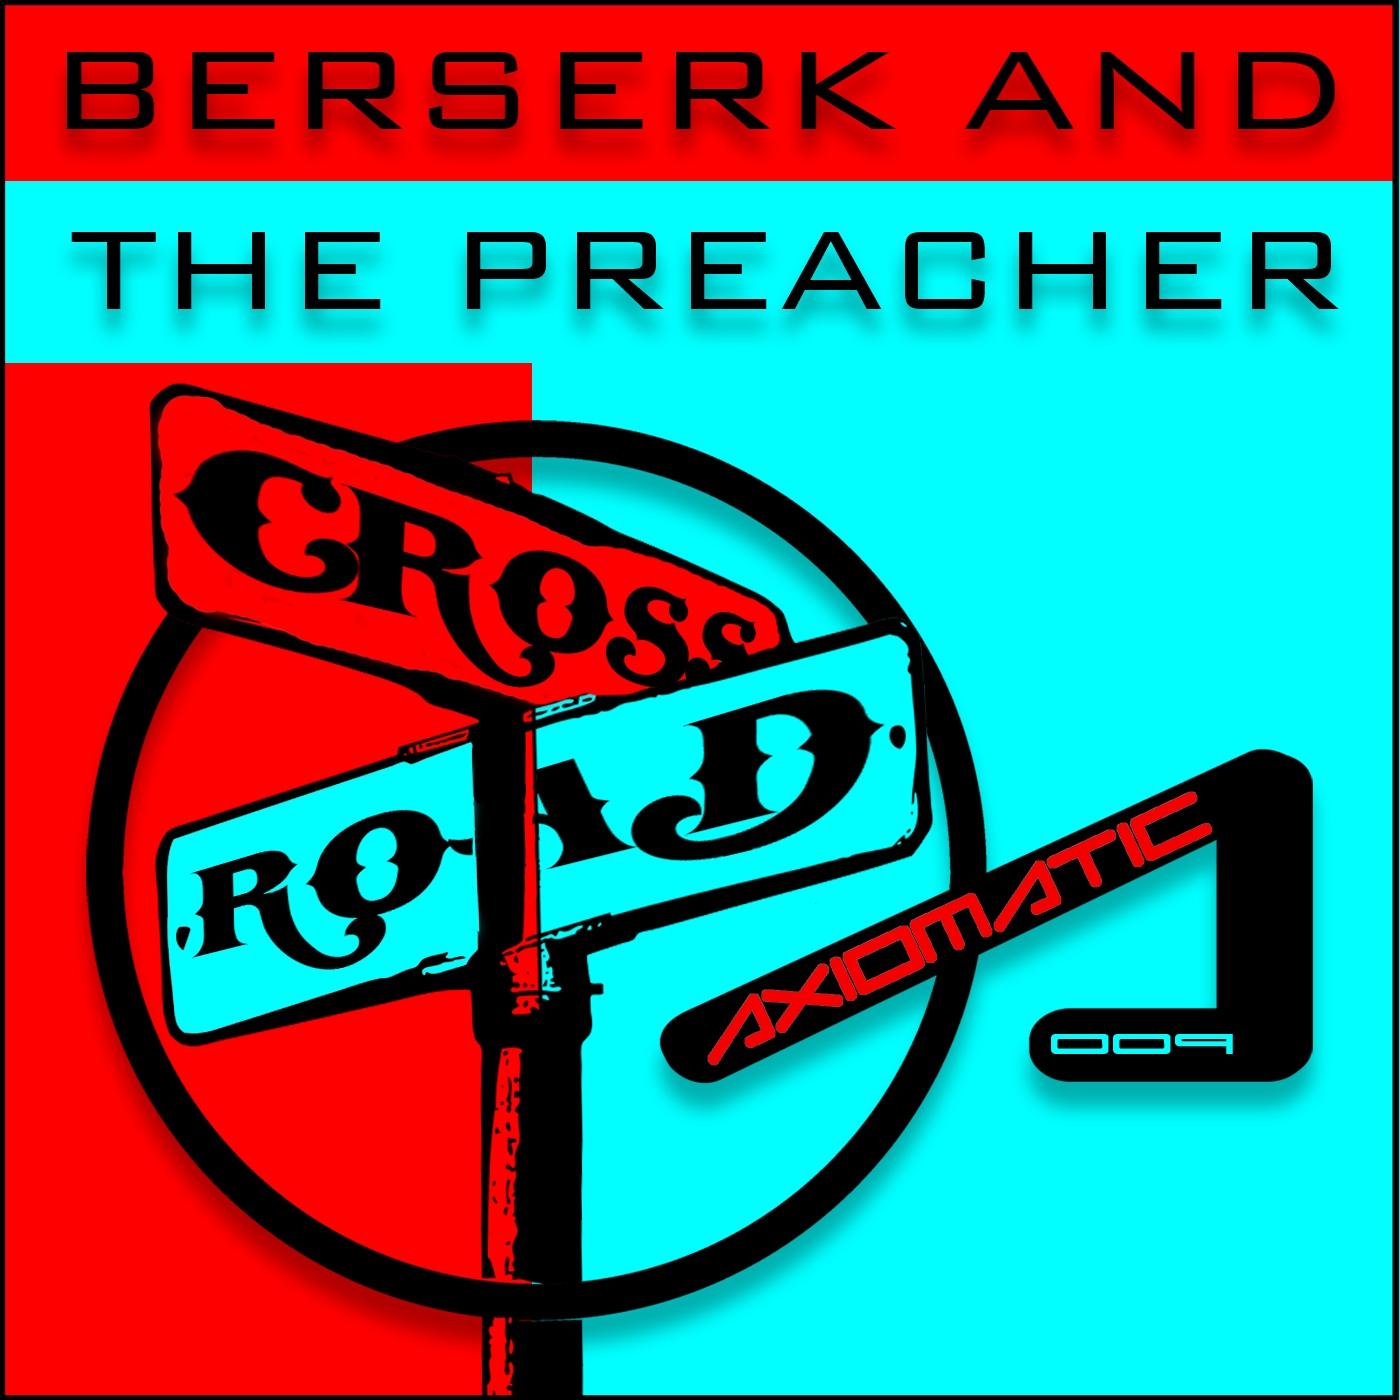 Berserk & The Preacher - 8th Day (Original mix)